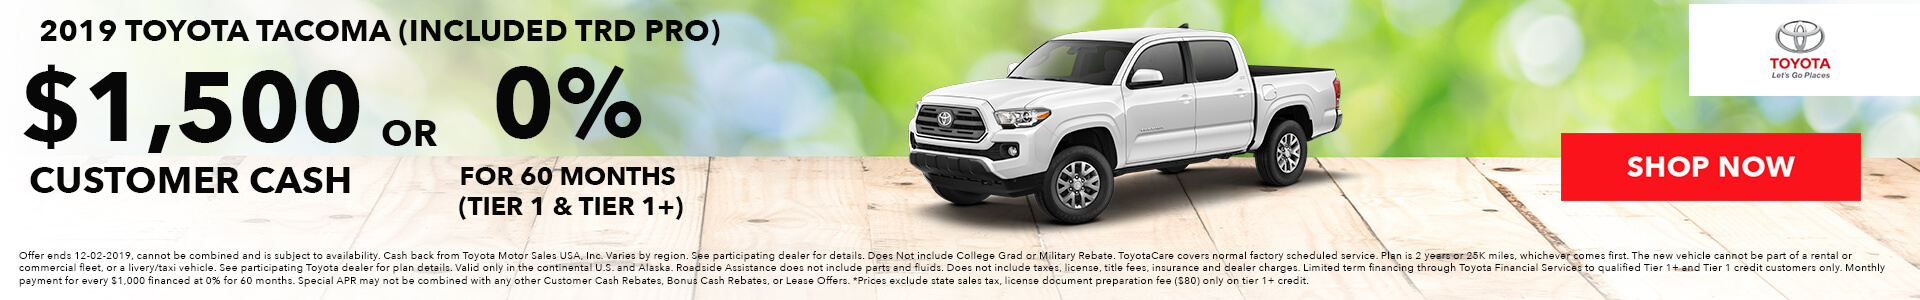 Toyota Tacoma $259 Lease